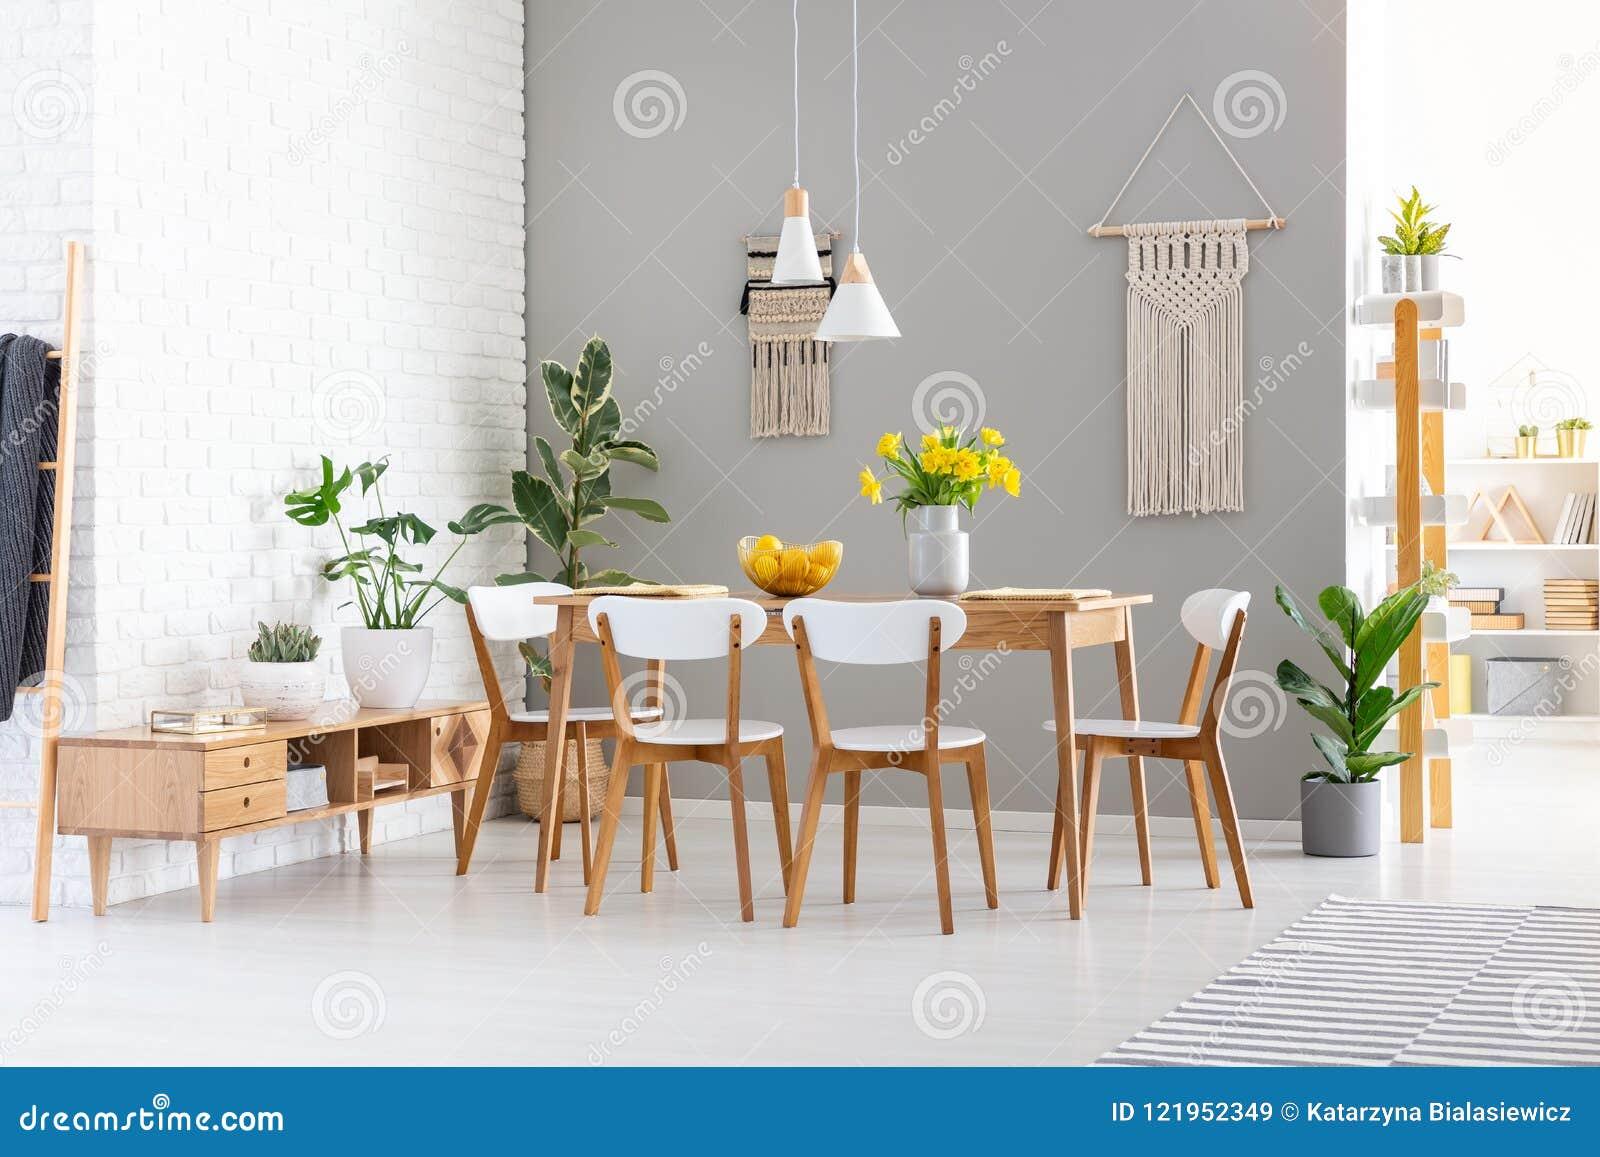 Sedie Bianche Legno : Sedie bianche alla tavola di legno con i fiori gialli nella sala da